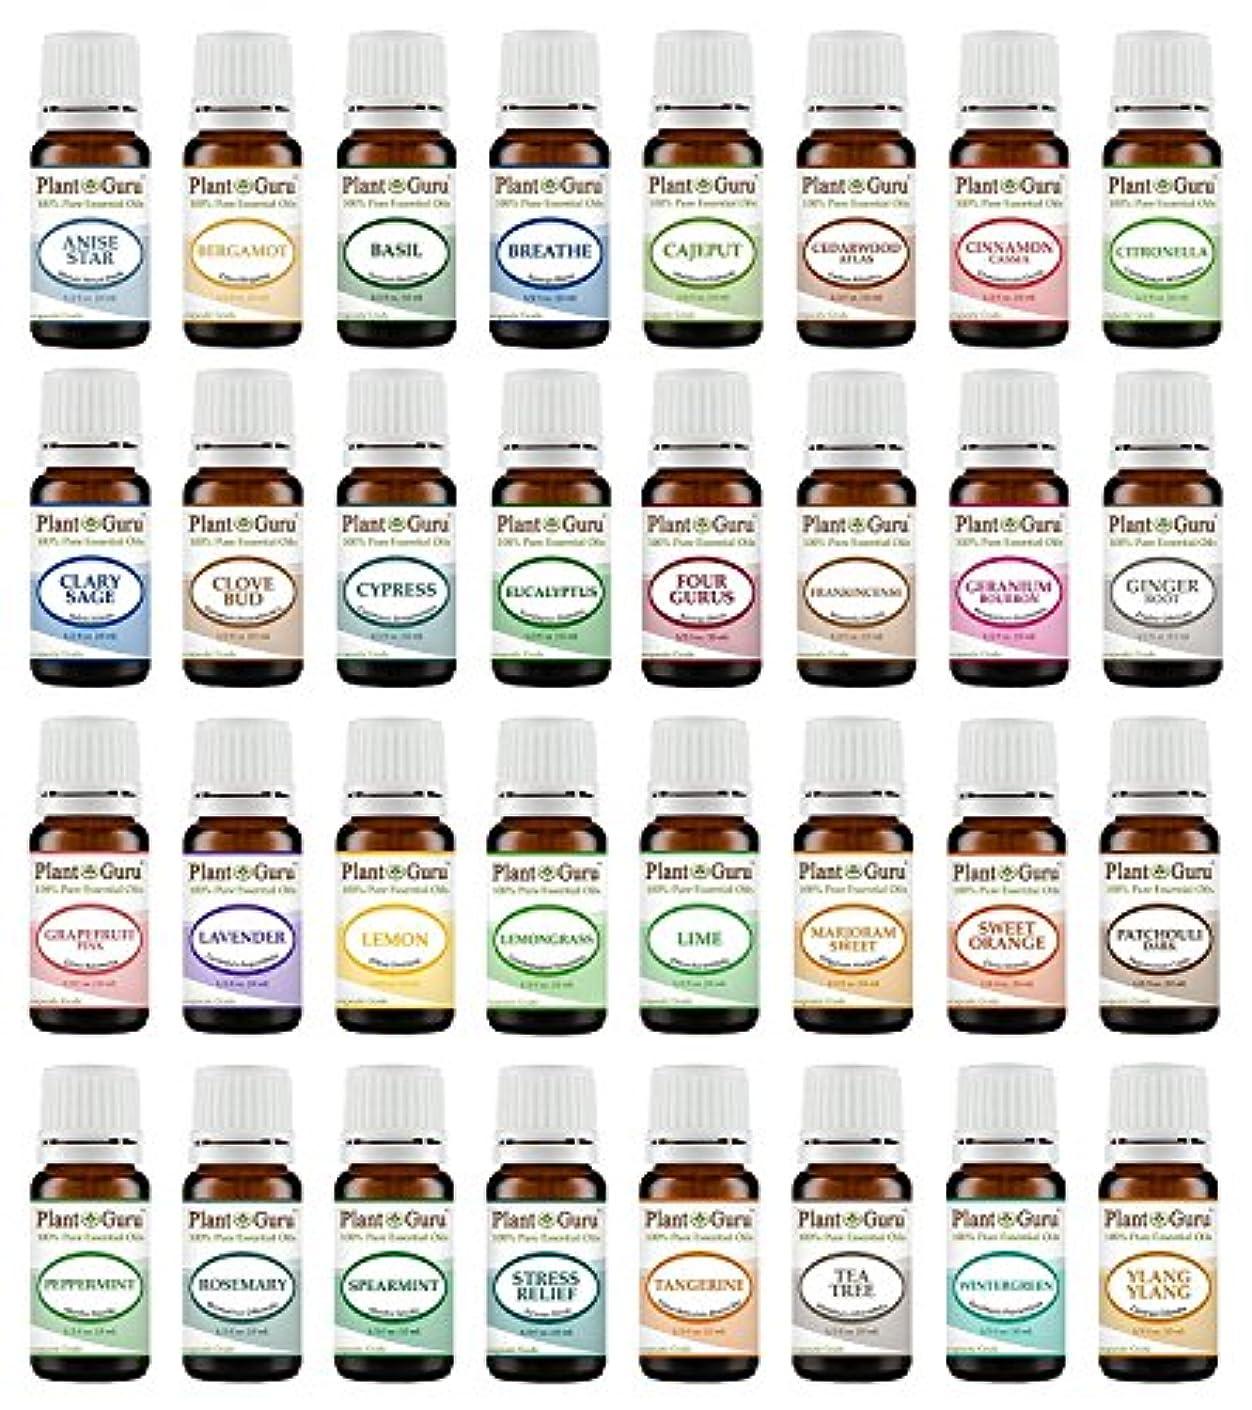 緯度試みるセンサーUltimate Essential Oil Variety Set - 32 Pack - 100% Pure Therapeutic Grade 10 ml. by Plant Guru